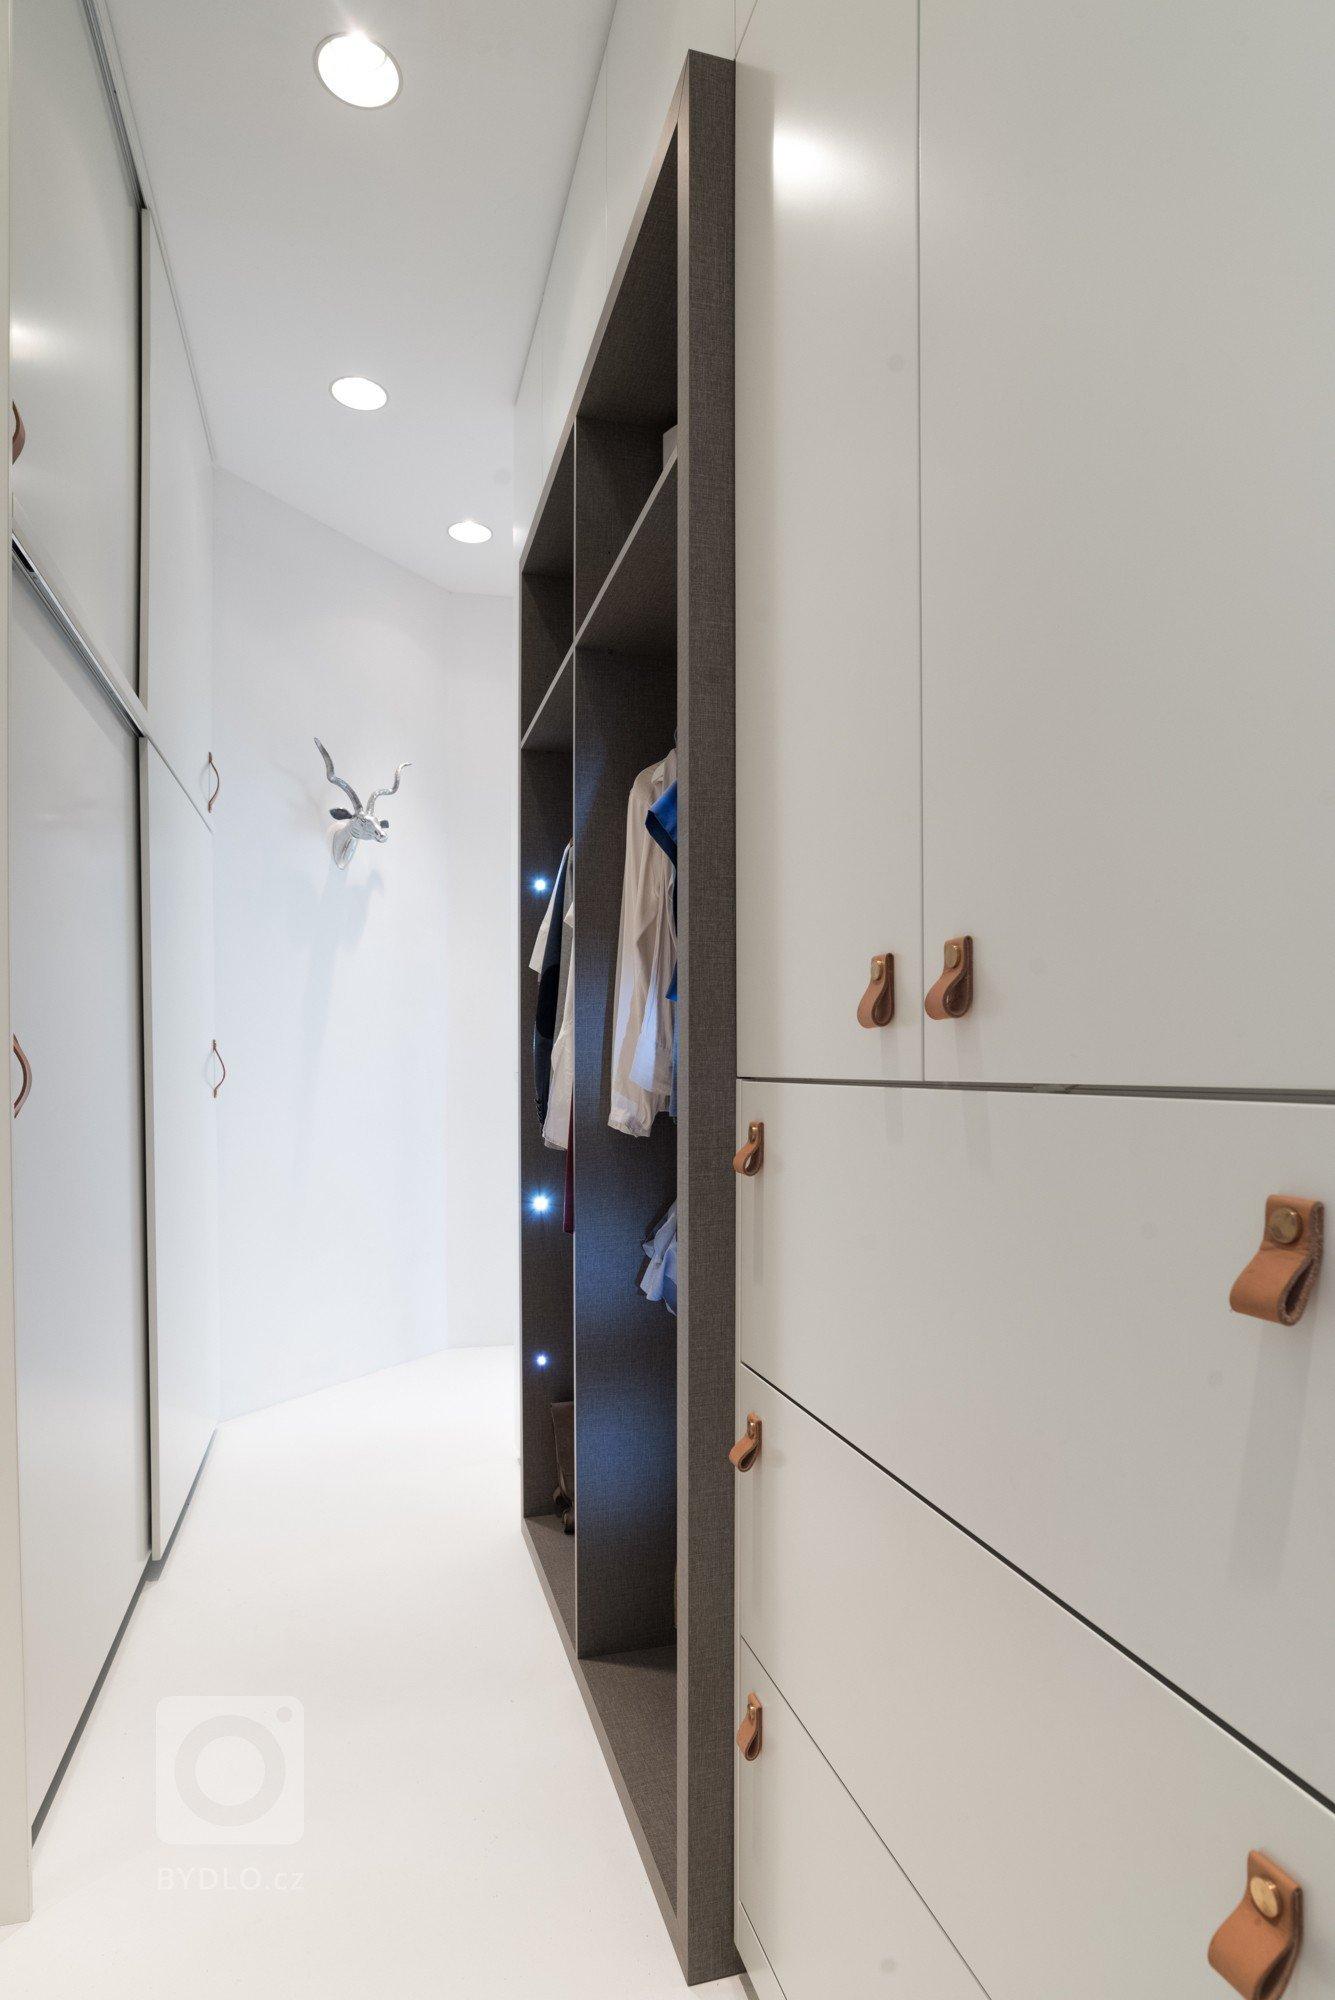 Rekonstrukce bytu v secesním domě  Design: OOOOX| Ing. Arch. Radka Valová, Ing. Arch. Magda Palečková   Dispozice – původní velkorysý byt za dob…